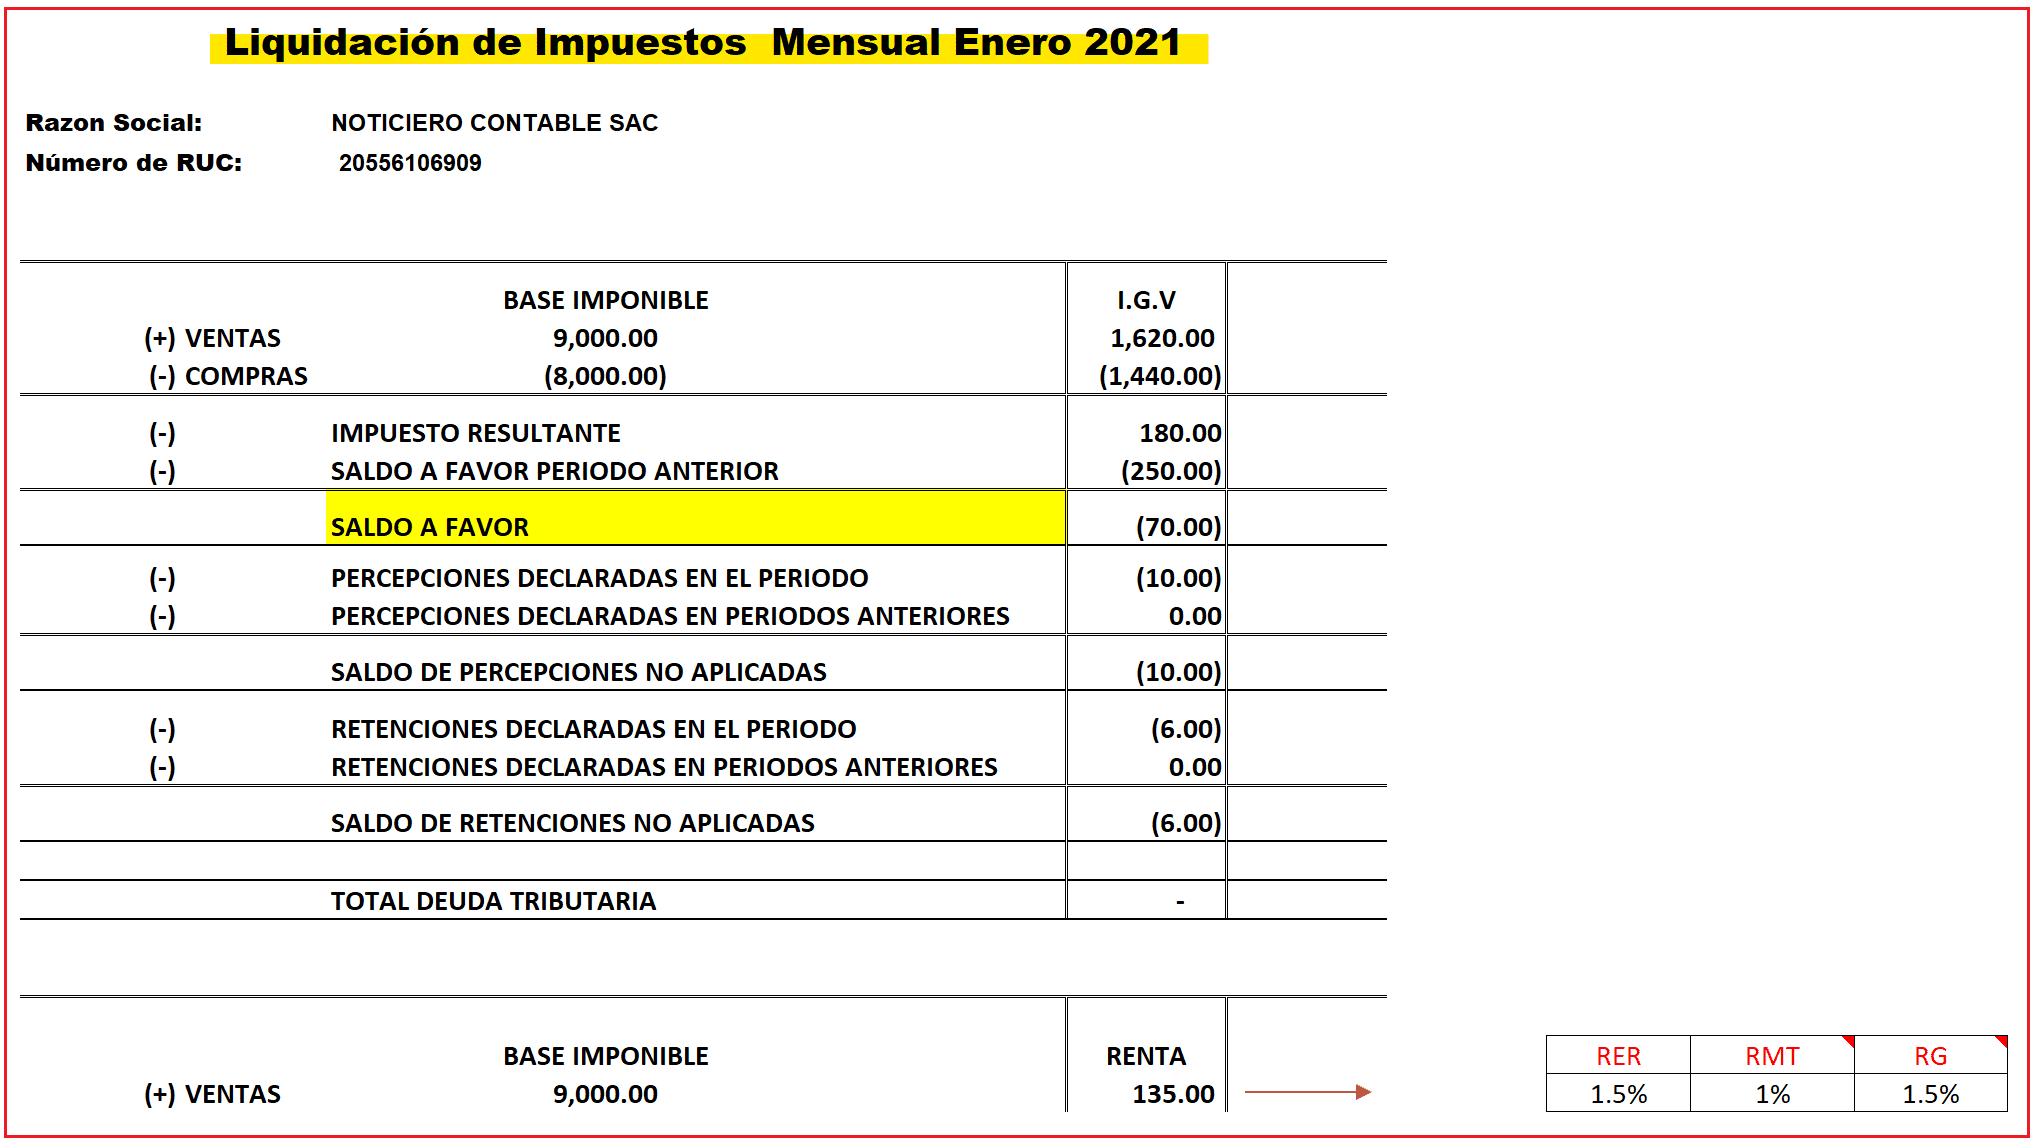 Macros Excel Liquidacion Impuesto Mensual